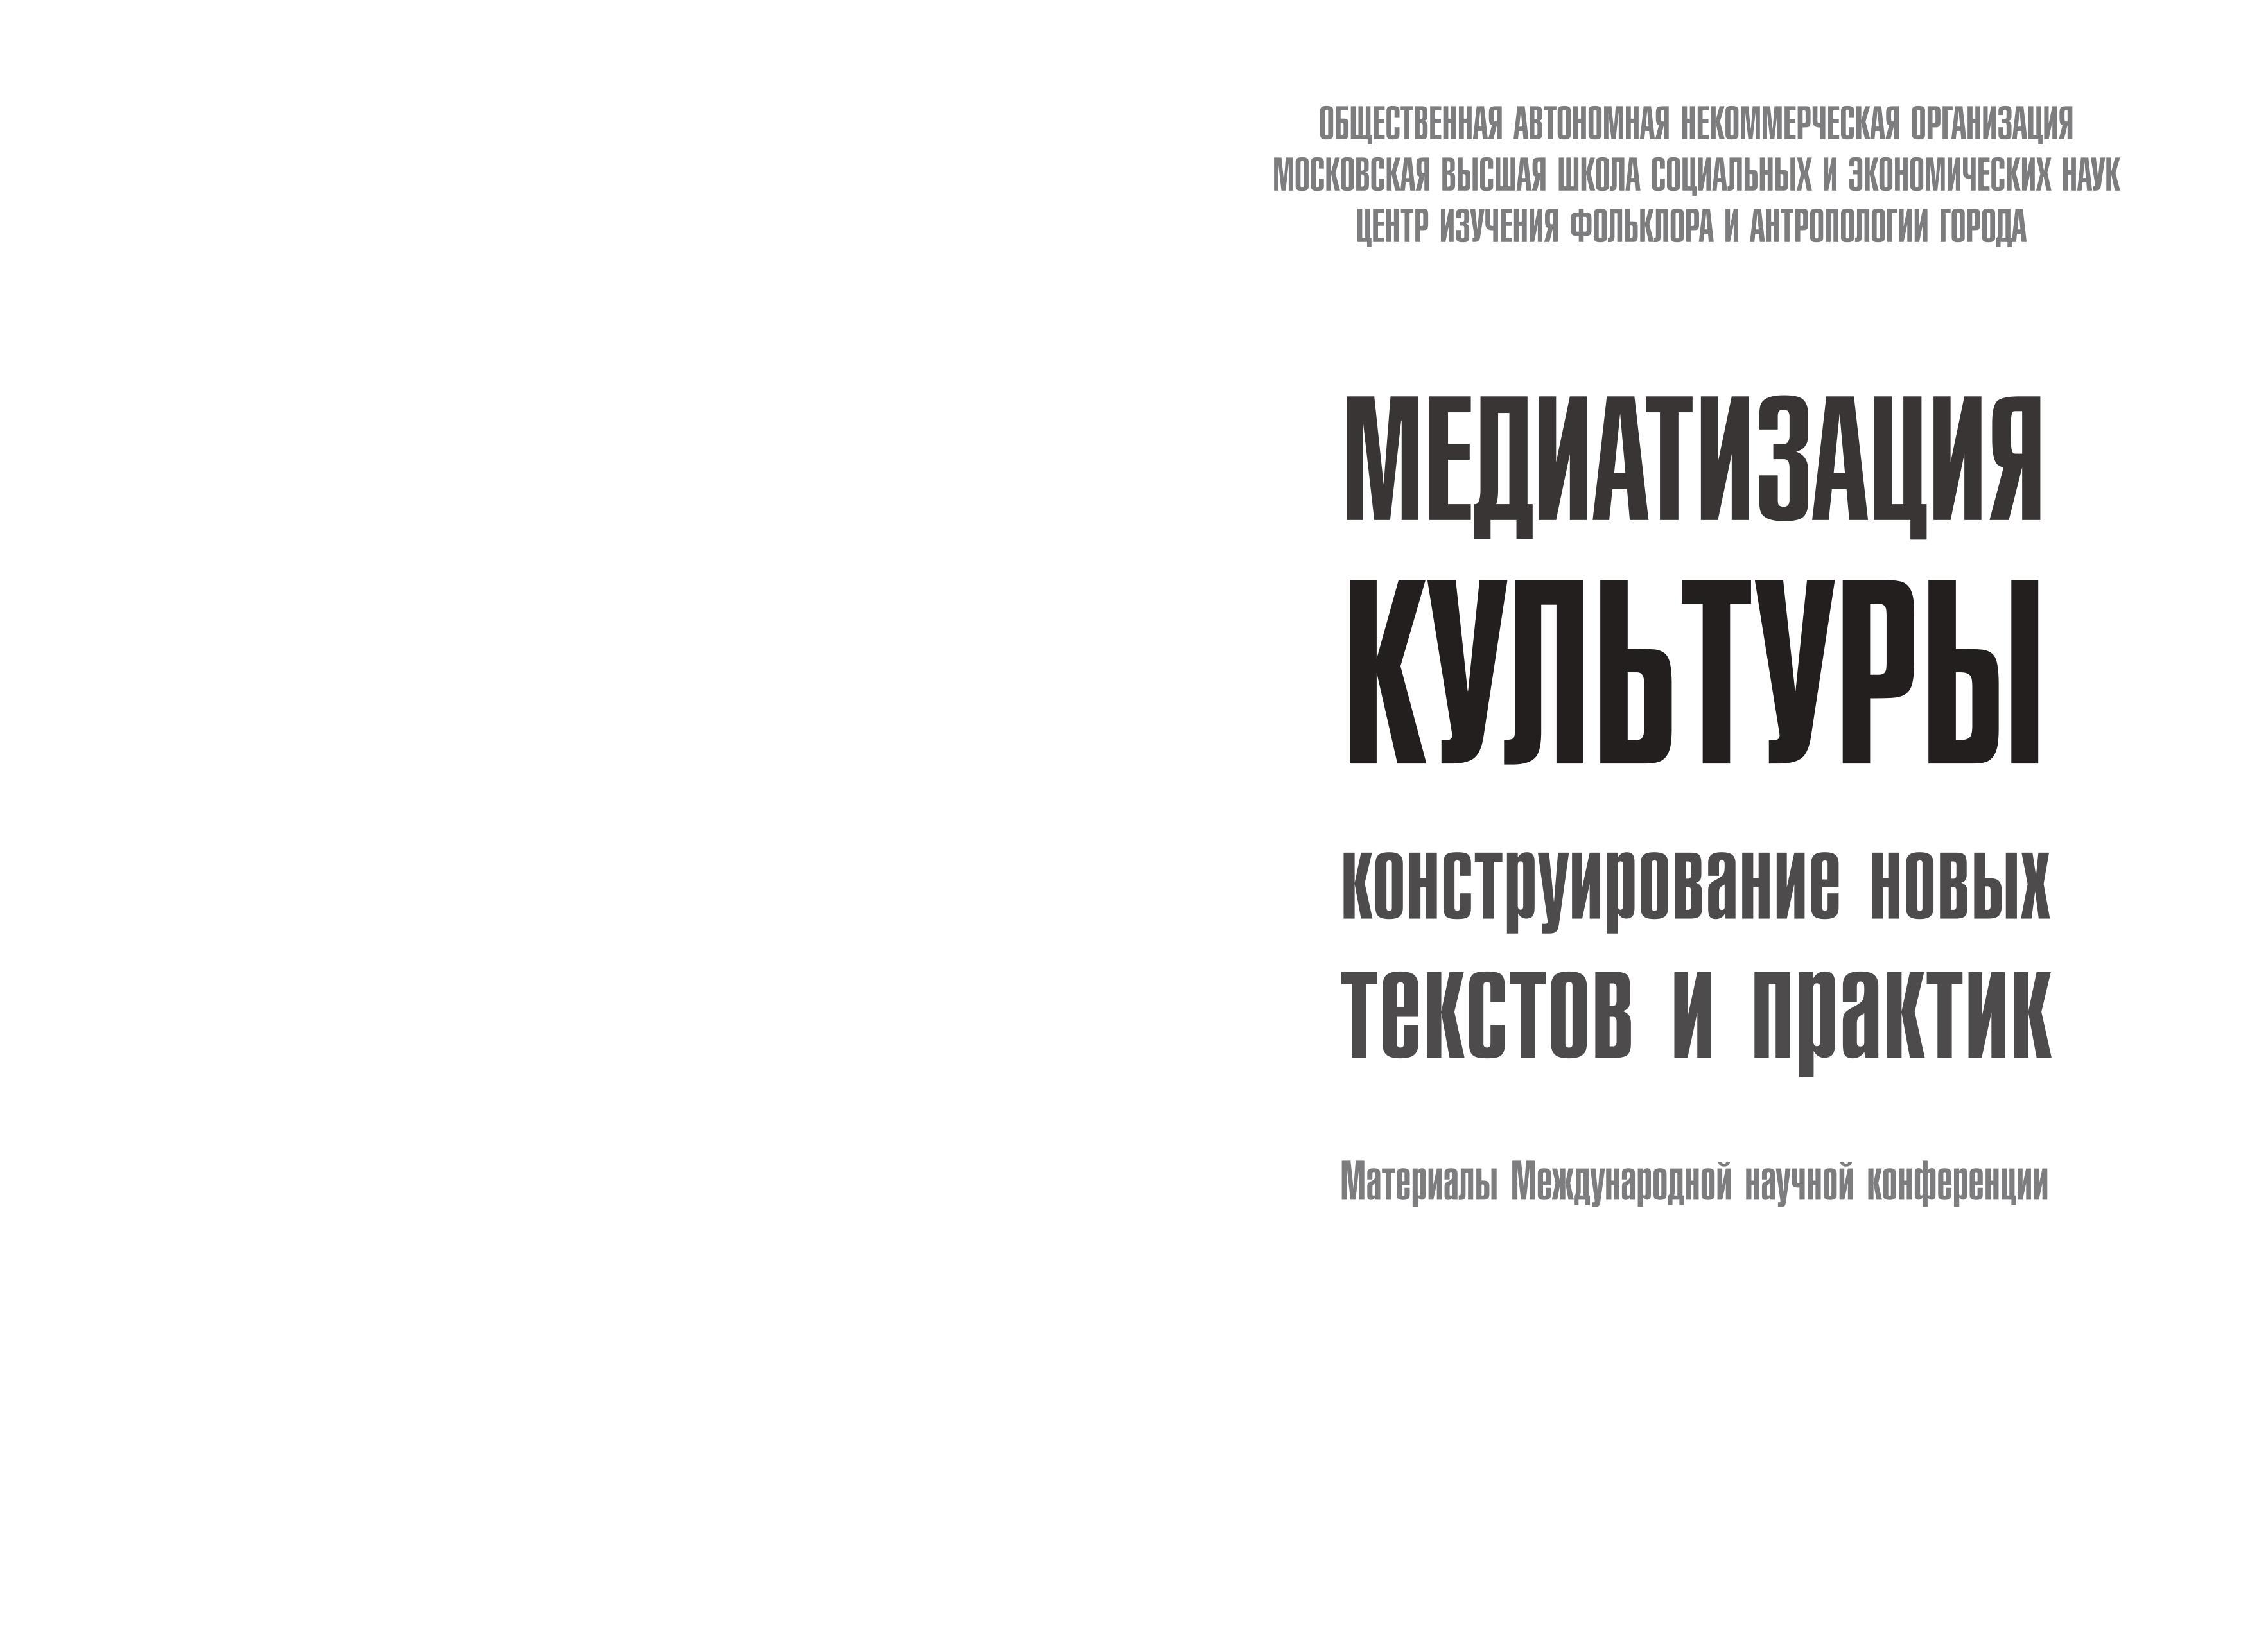 Голос, машина и политическая редукция: медиатизированные технические музеи в Туле